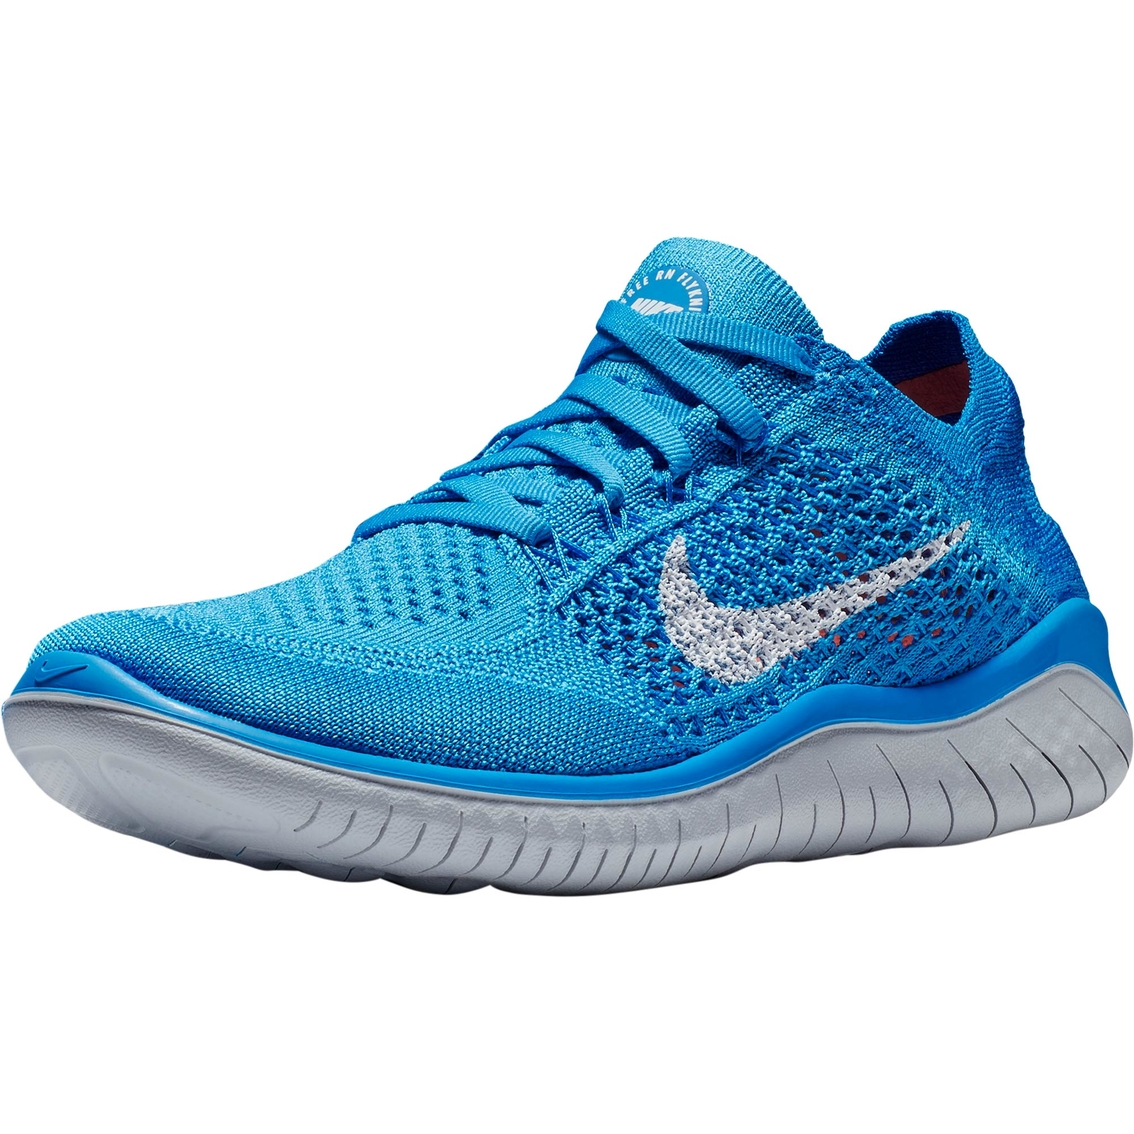 cee5b956e8c1c Nike Women s Free Rn Flyknit 2018 Running Shoes